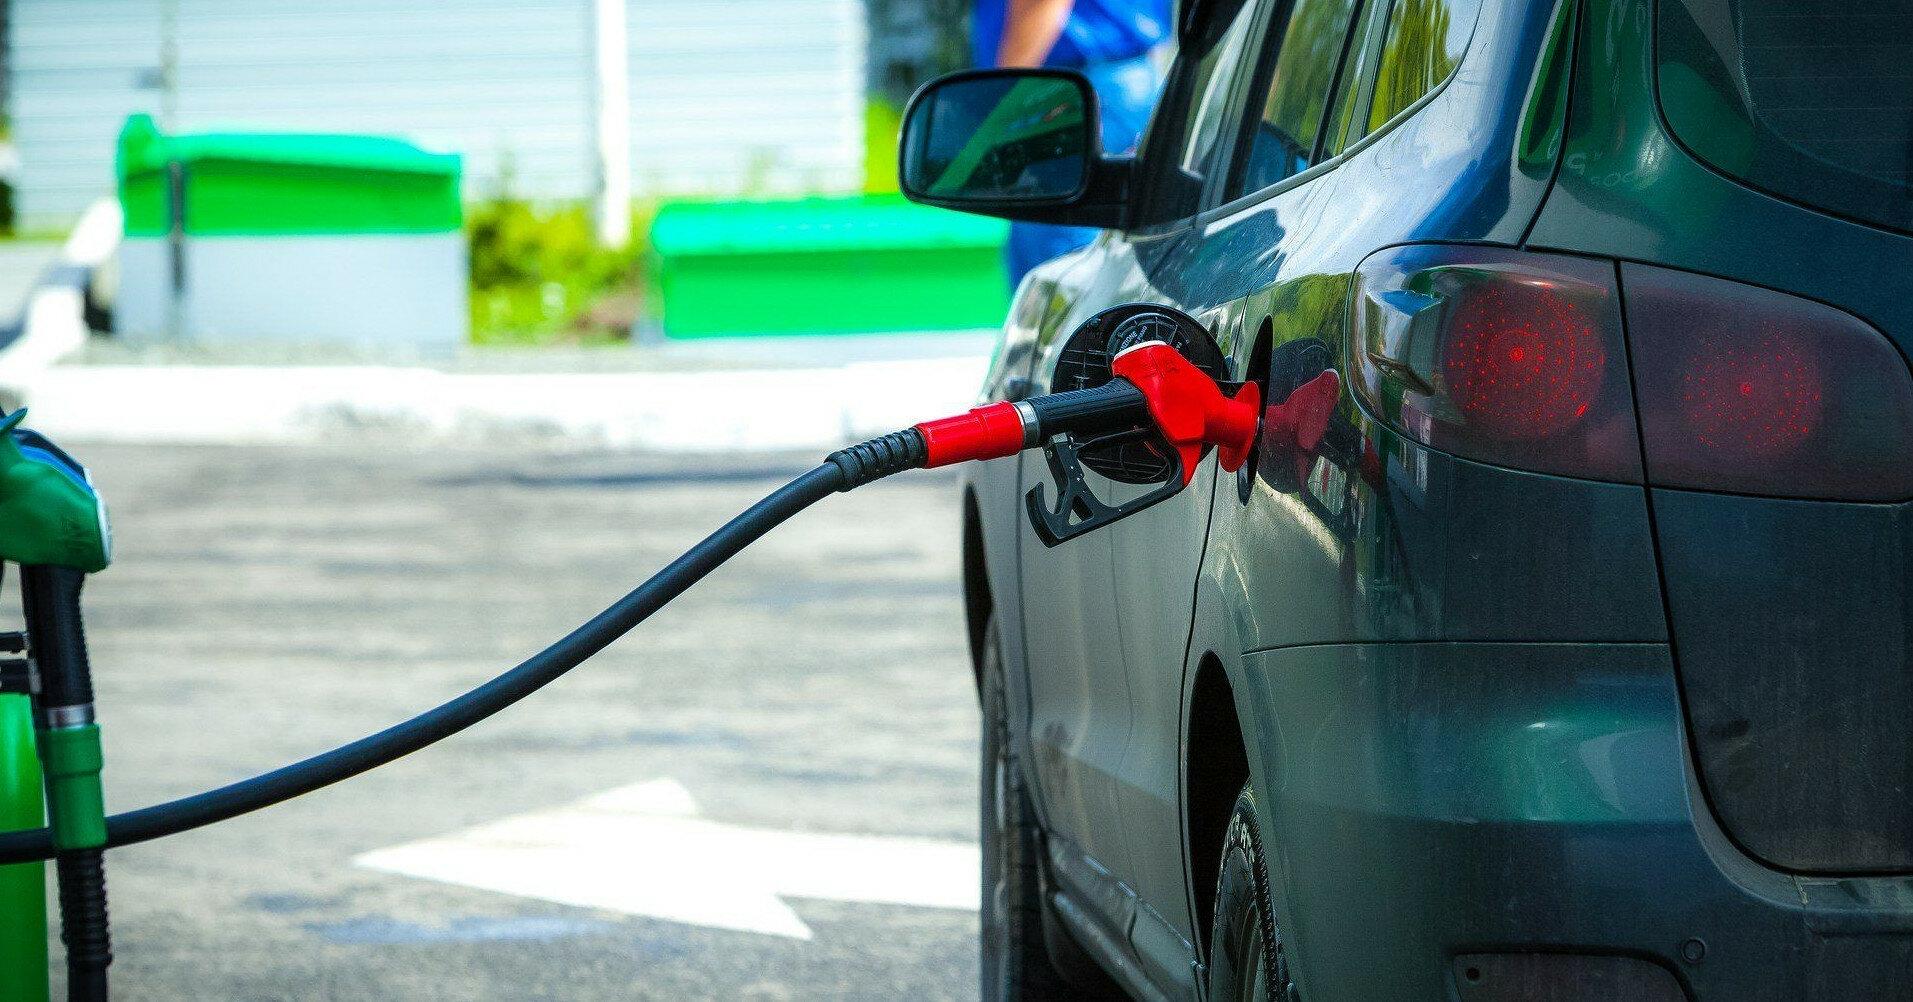 Как изменились цены на бензин: стоимость на АЗС